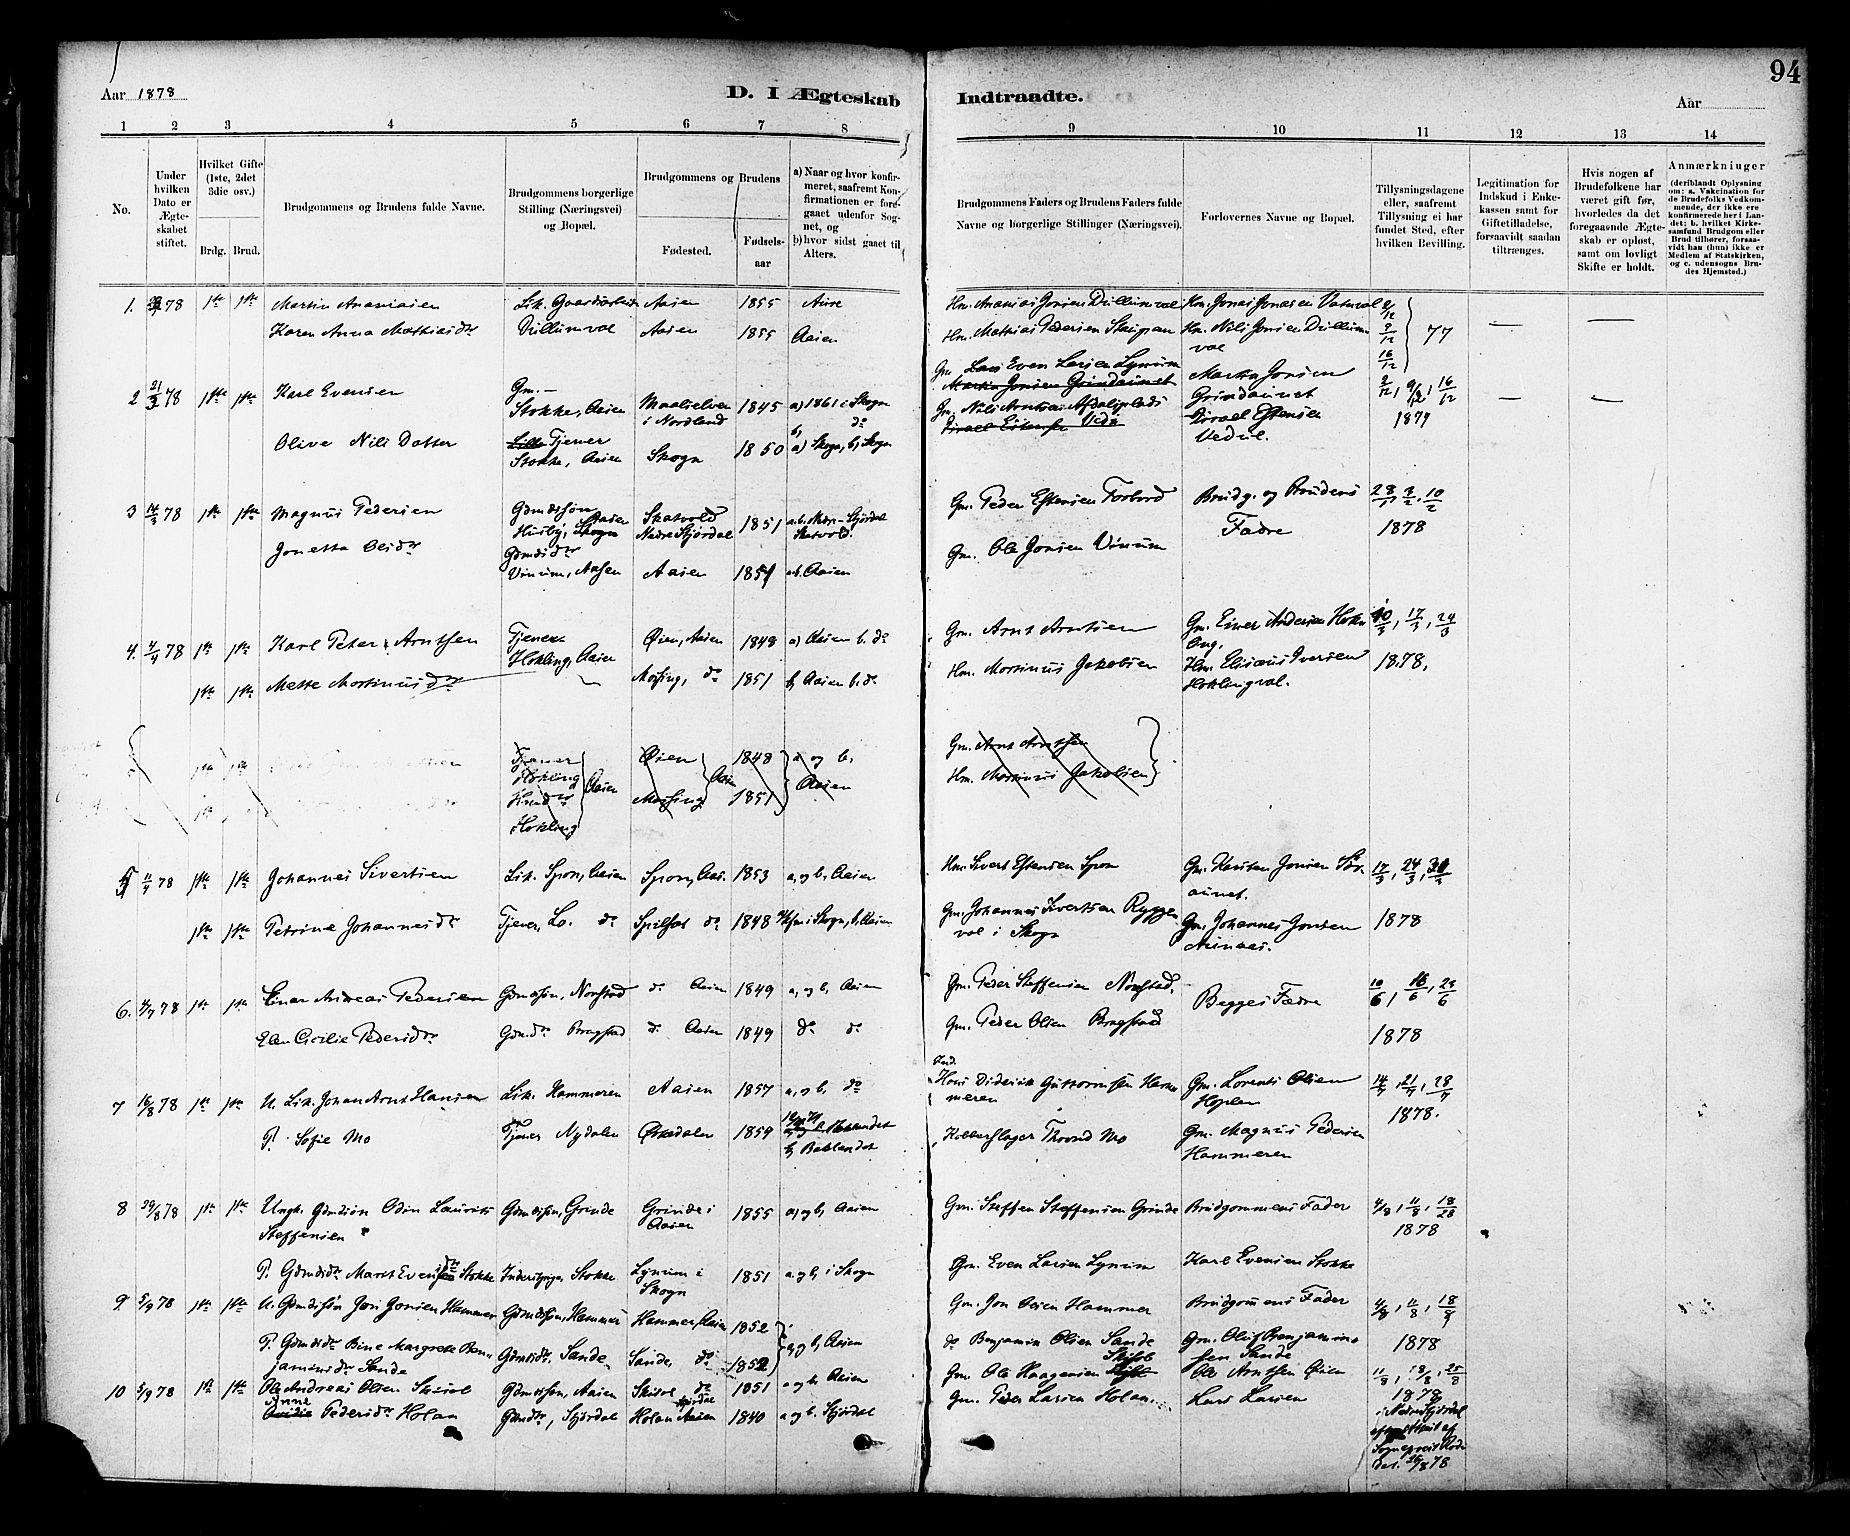 SAT, Ministerialprotokoller, klokkerbøker og fødselsregistre - Nord-Trøndelag, 714/L0130: Ministerialbok nr. 714A01, 1878-1895, s. 94